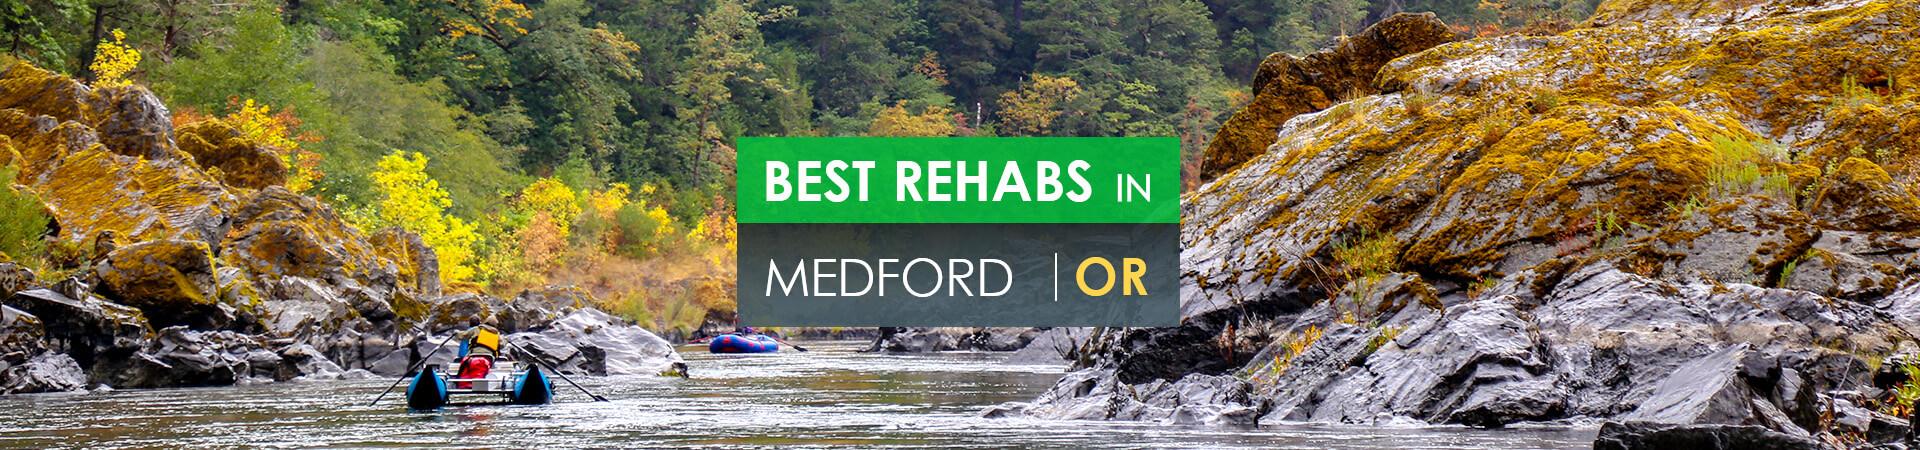 Best rehabs in Medford, OR